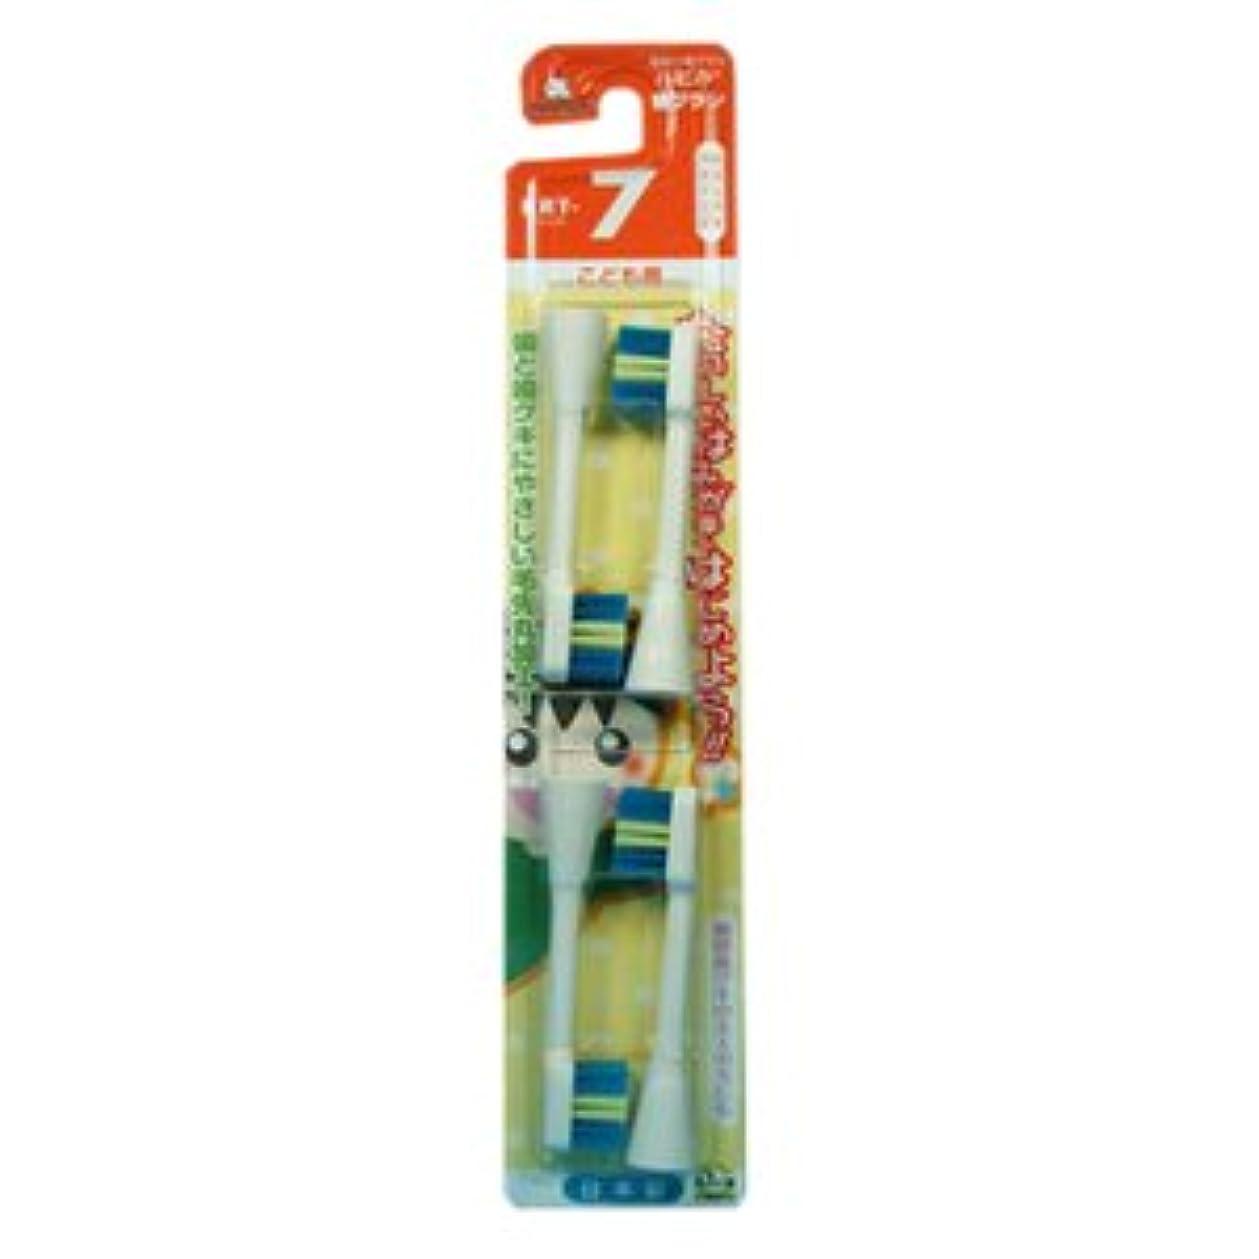 不注意羊飼い思いやりミニマム 電動付歯ブラシ ハピカ 専用替ブラシ こども用 毛の硬さ:やわらかめ BRT-7 4個入